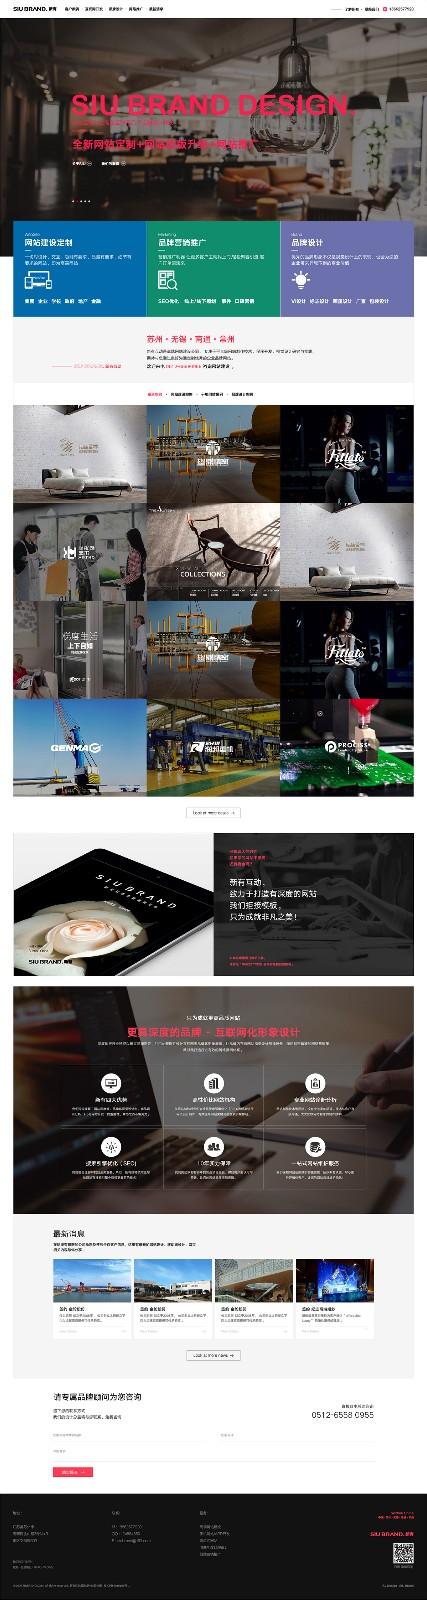 苏州专业网页设计公司_苏州专业的高端网站建设机构_苏州新有互动品牌设计有限公司